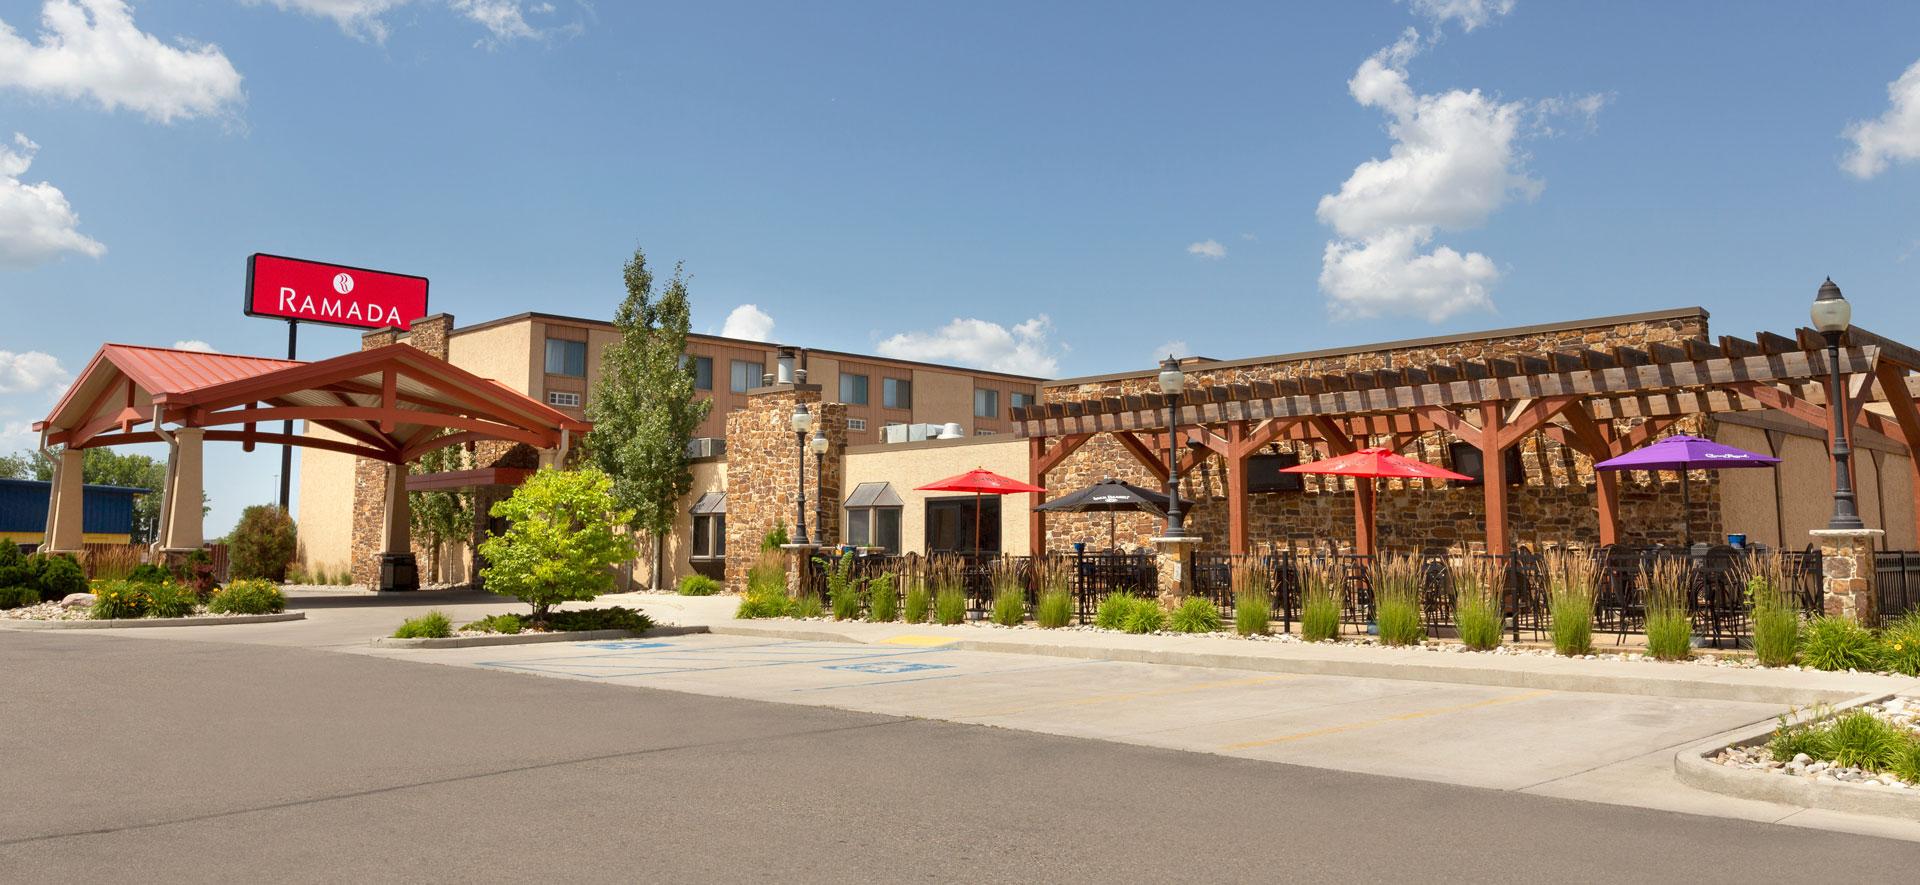 Ramada Inn Fargo